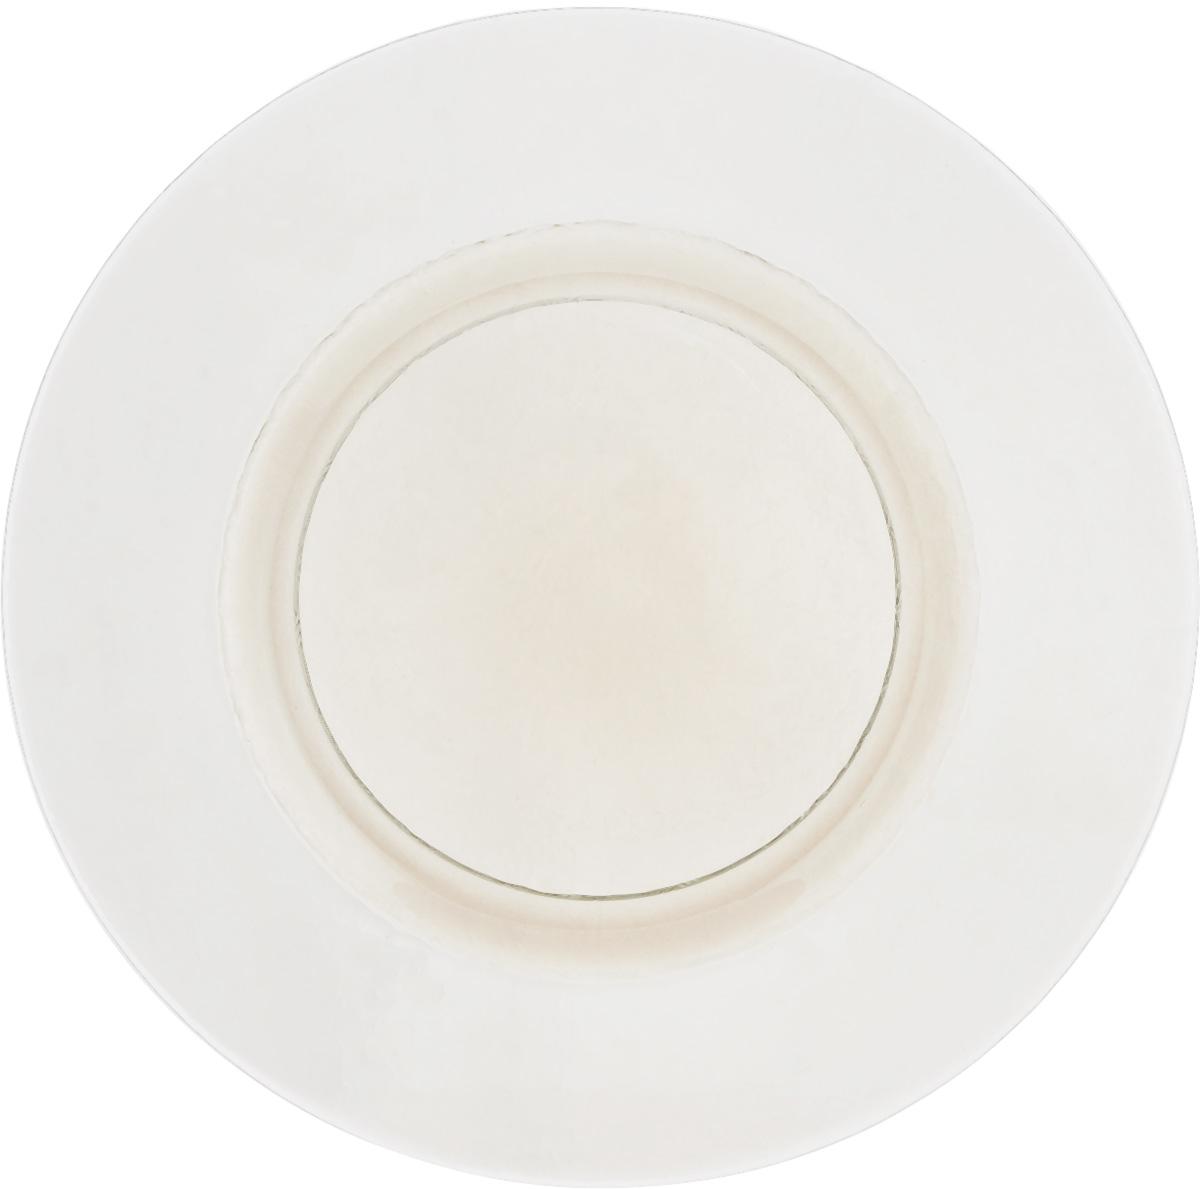 Тарелка NiNaGlass Богемия, цвет: прозрачный, диаметр 32,5 см83-056-Ф320 СМОКИТЕРМТарелка NiNaGlass Богемия выполнена из высококачественного стекла. Она прекрасно впишется в интерьер вашей кухни и станет достойным дополнением к кухонному инвентарю.Не рекомендуется использовать в микроволновой печи и мыть в посудомоечной машине.